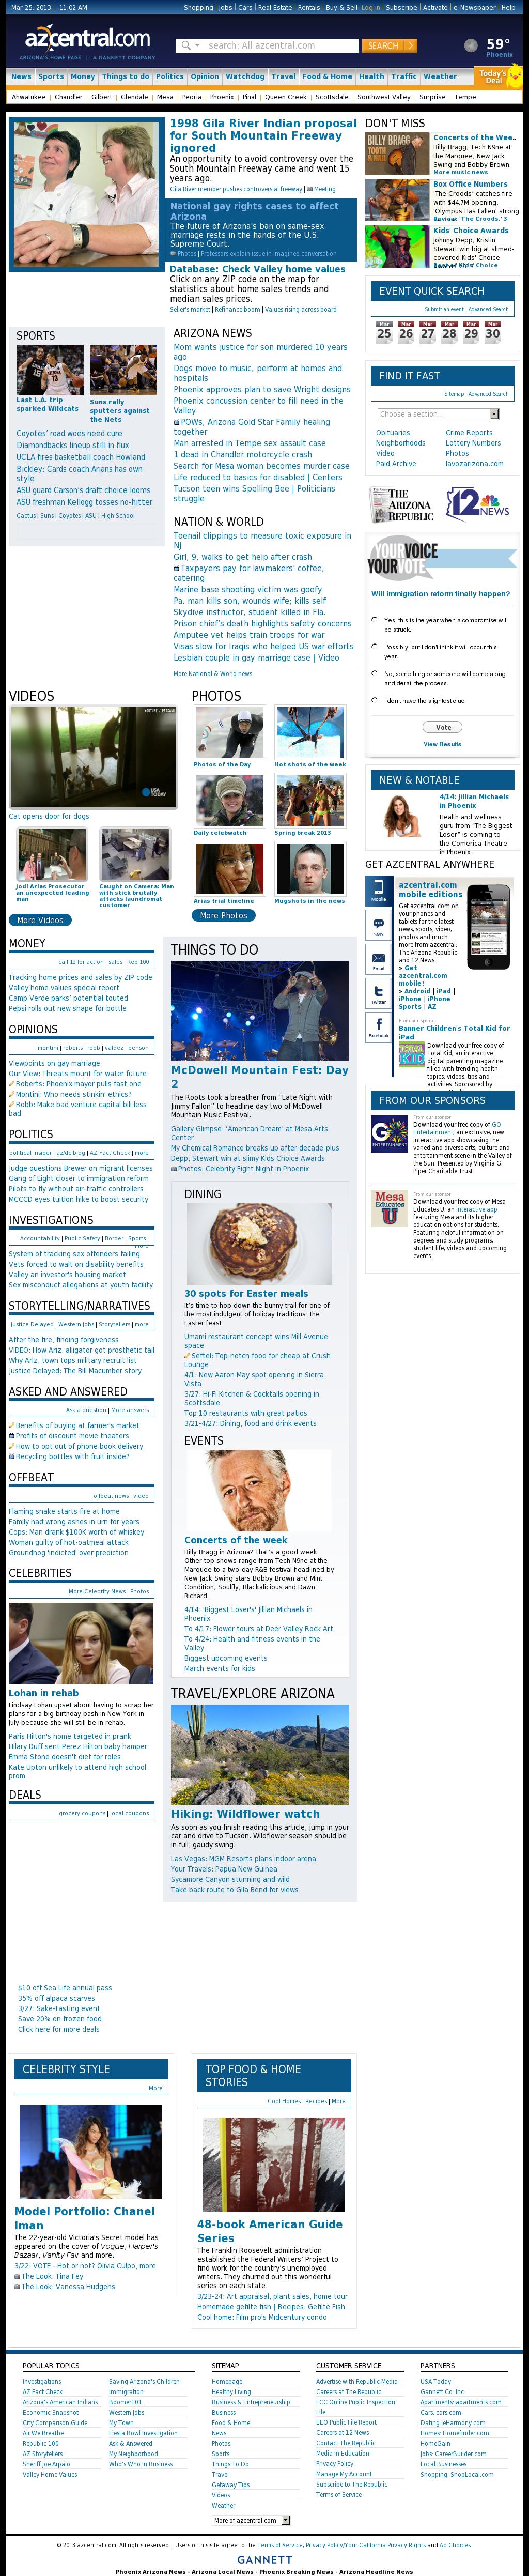 azcentral.com at Monday March 25, 2013, 11:02 a.m. UTC